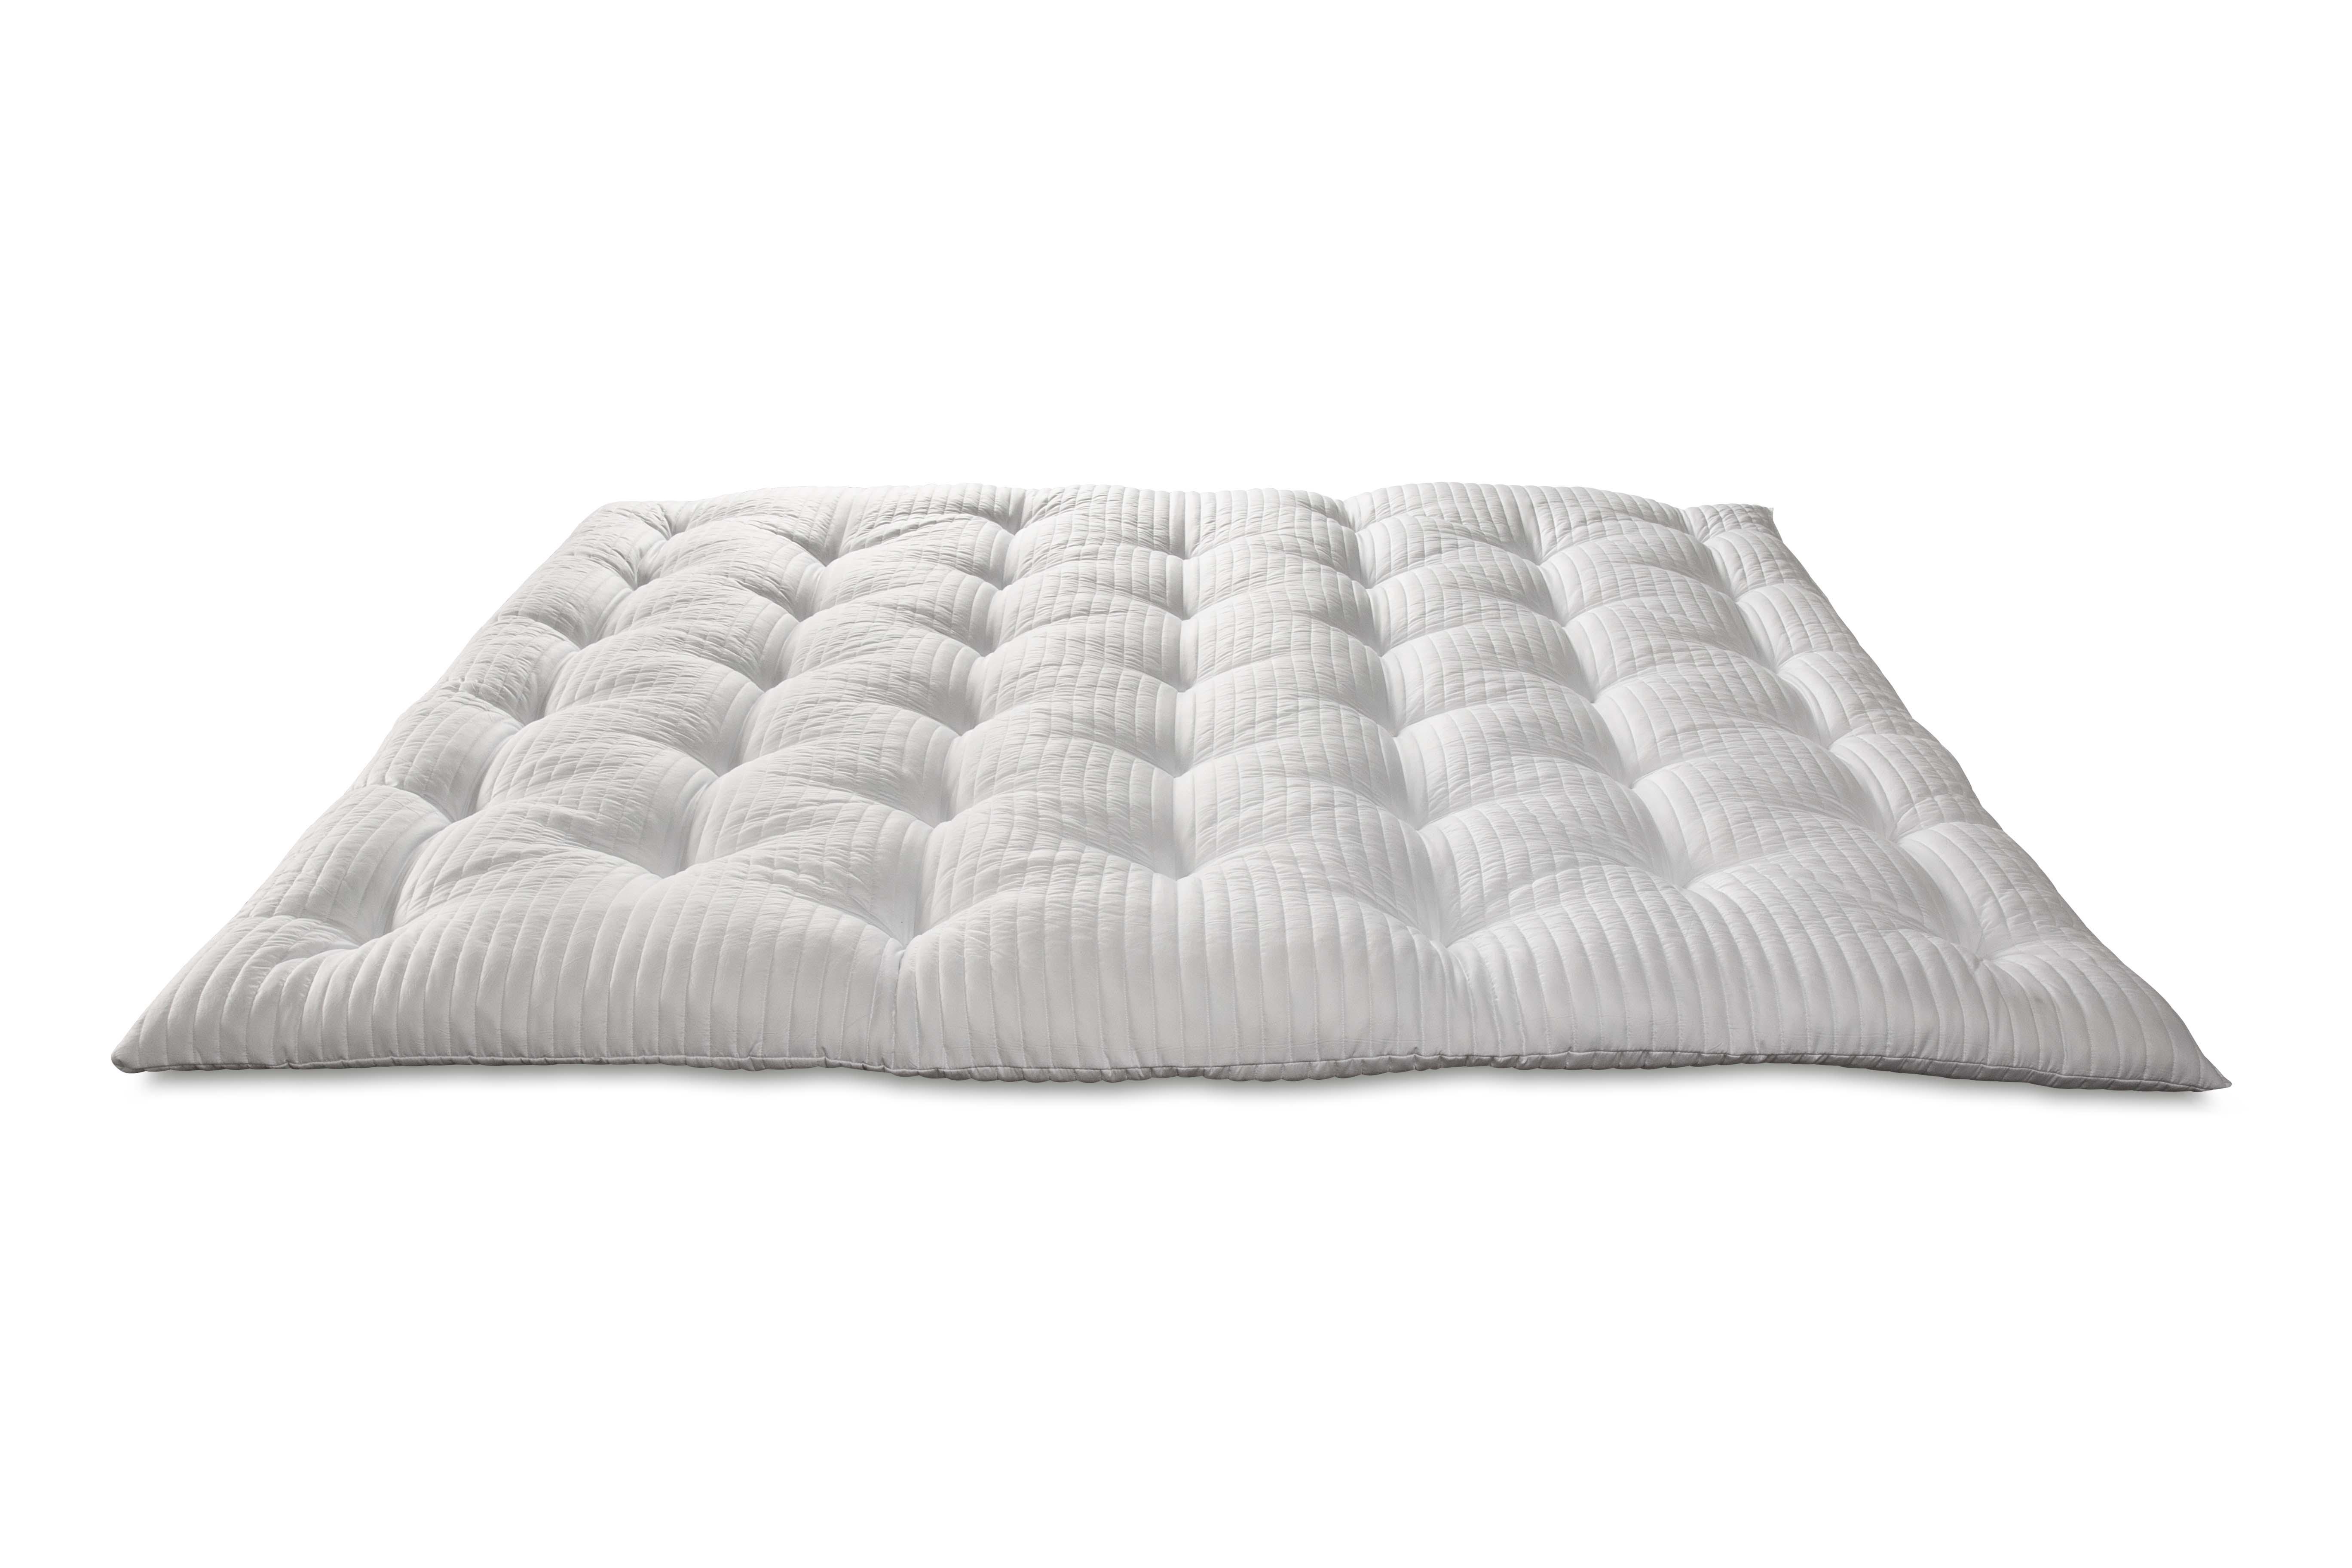 Correttore Materasso in Memory Foam MED, misura Matrimoniale 160x200 alto 7 cm | DREAME